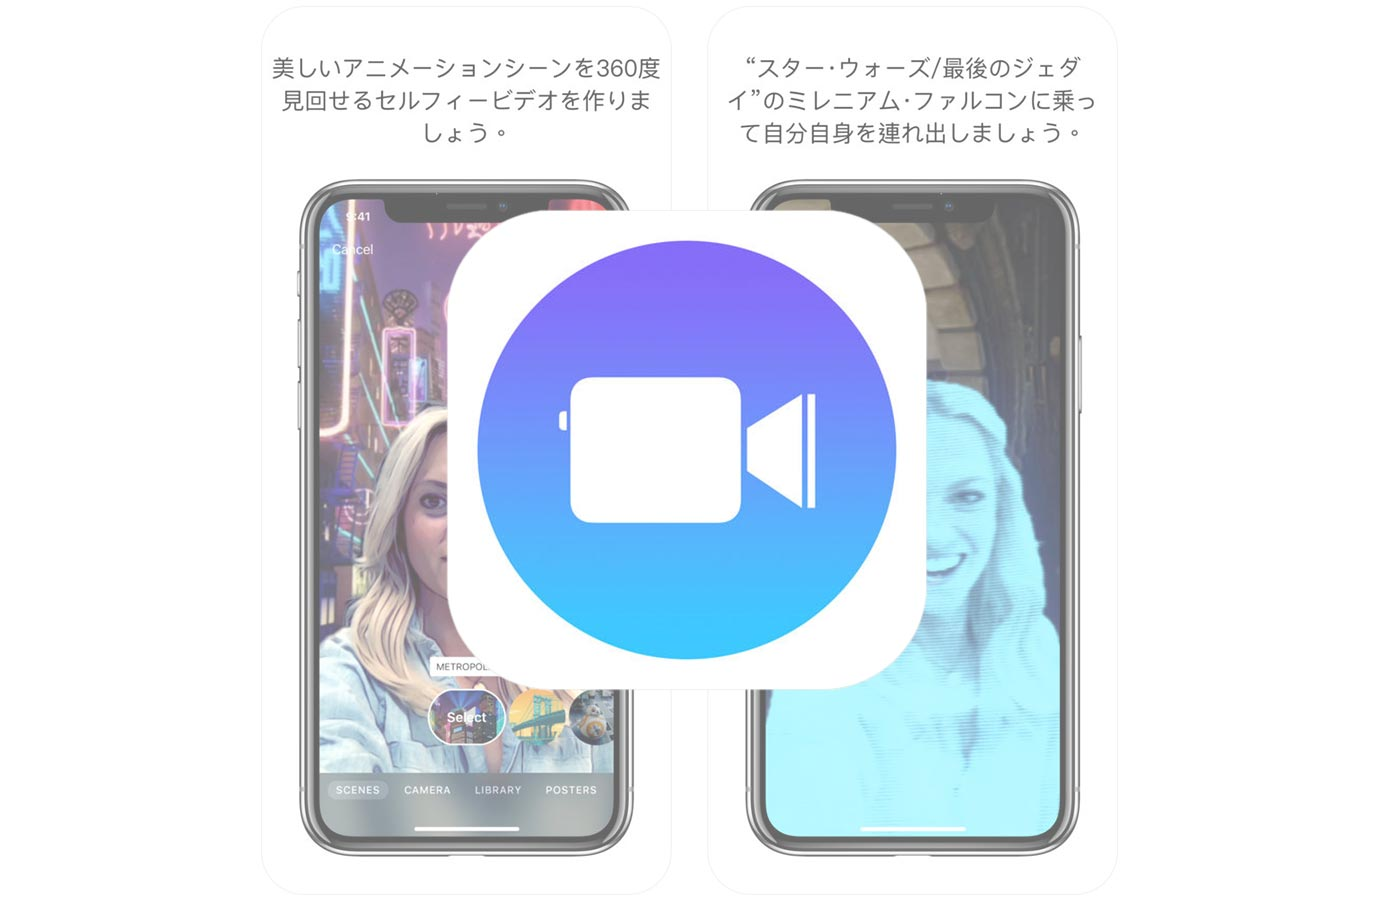 Apple、iOSアプリ「Clips 2.0.2」リリース ー Appleがデザインした旧正月用の新しいラベルやポスターを追加など